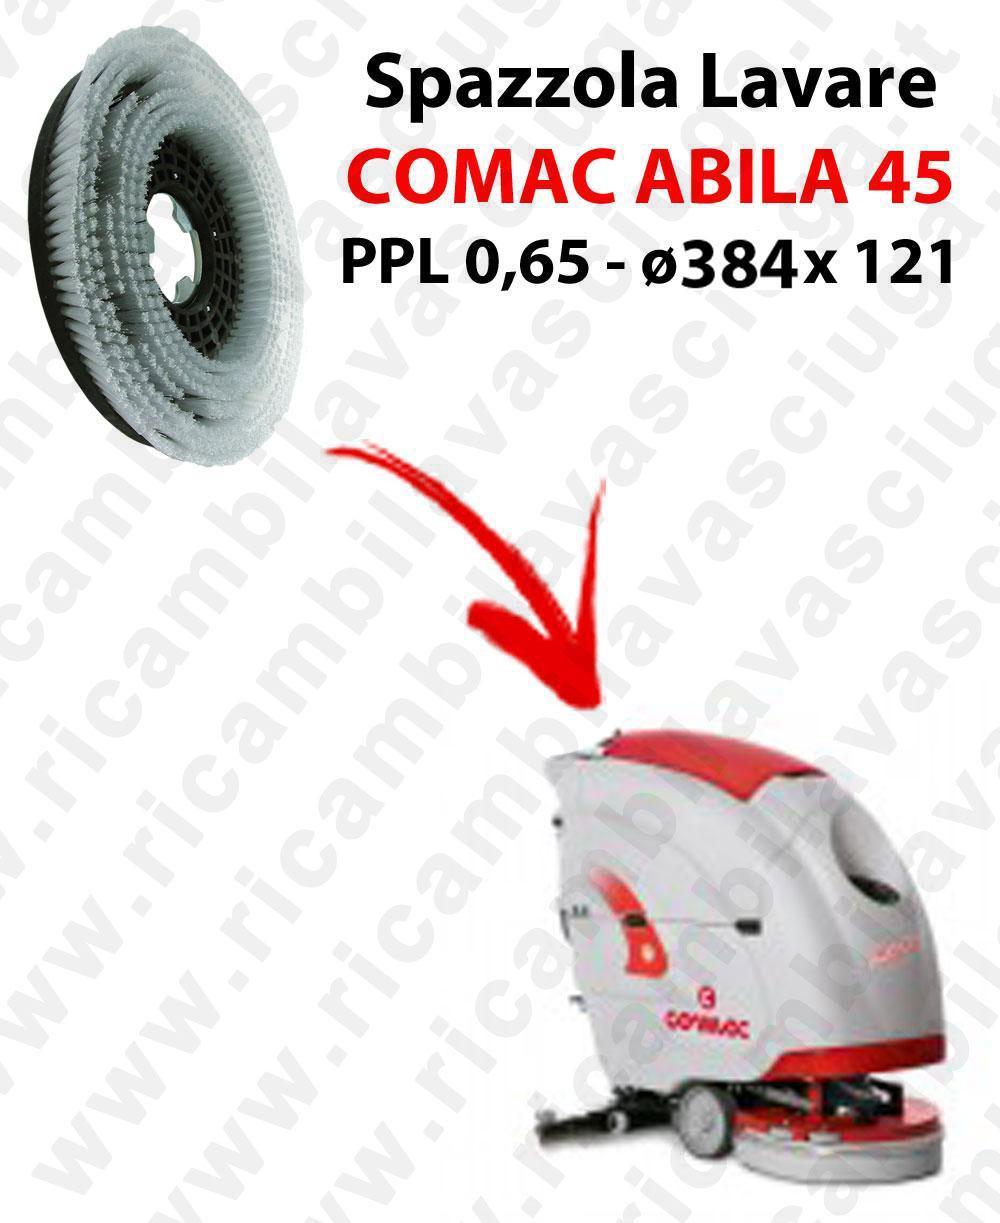 BROSSE A LAVER pour autolaveuses COMAC ABILA 45. Reference: PPL 0,65  diamétre 384 X 121